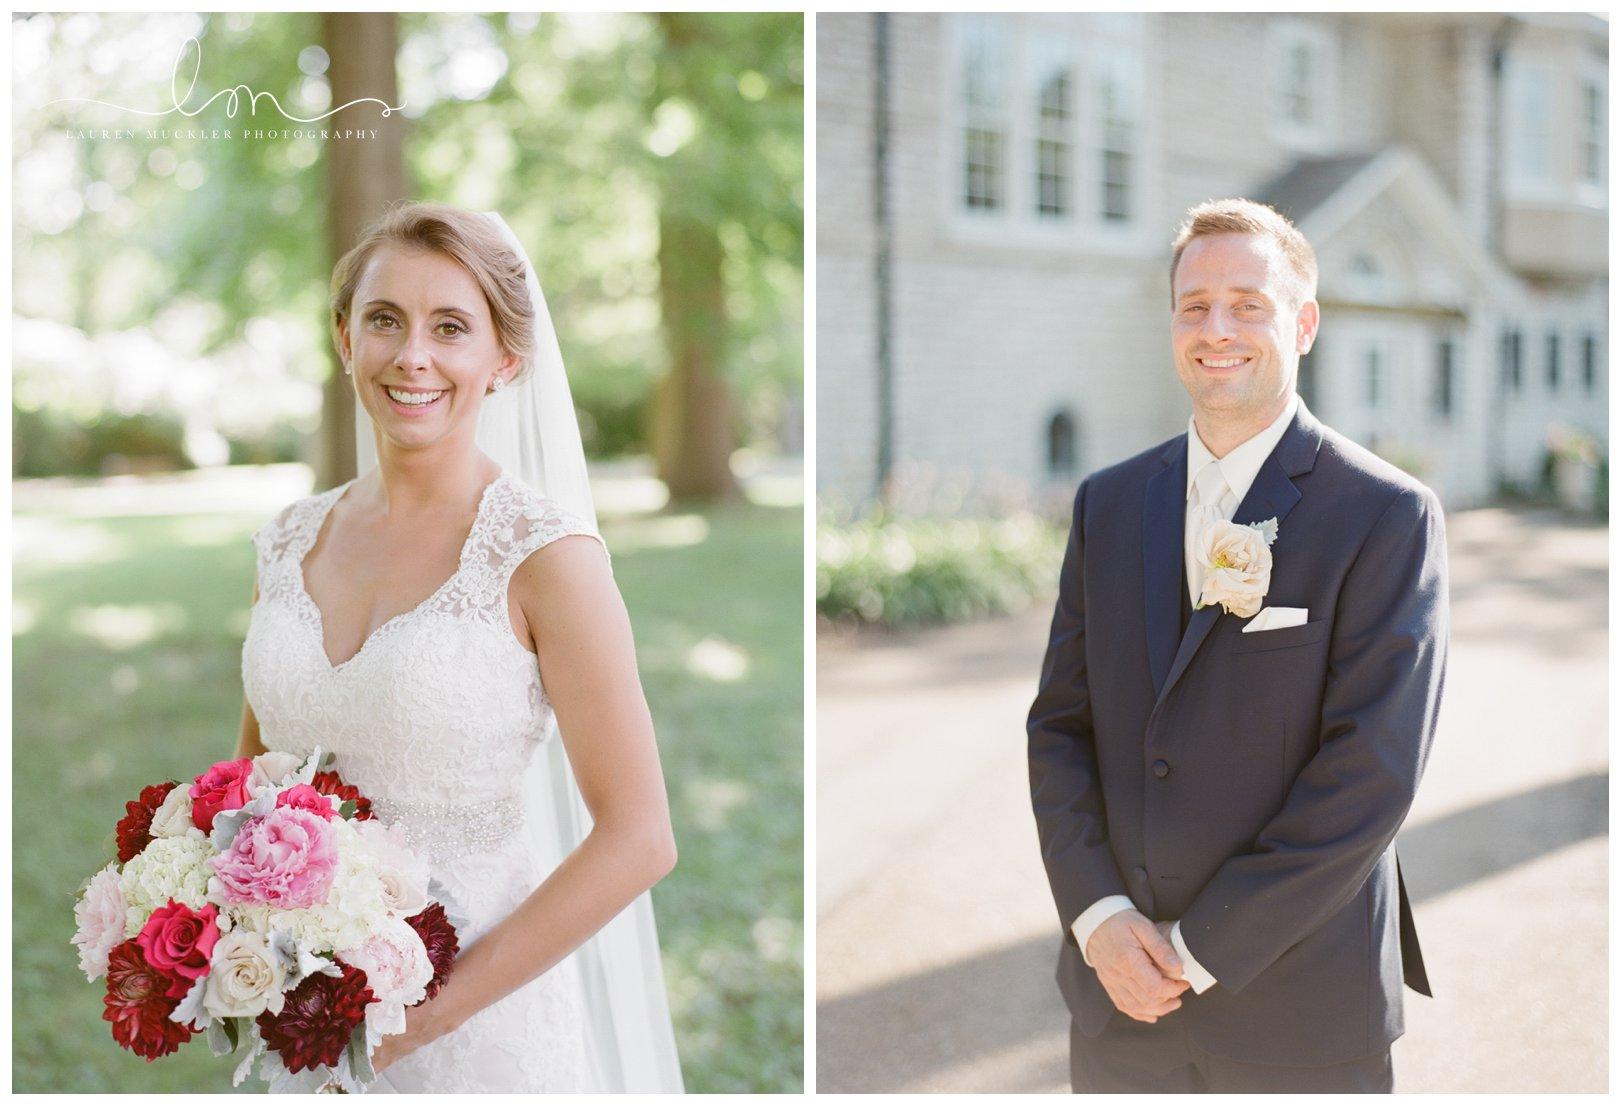 lauren muckler photography_fine art film wedding photography_st louis_photography_0493.jpg